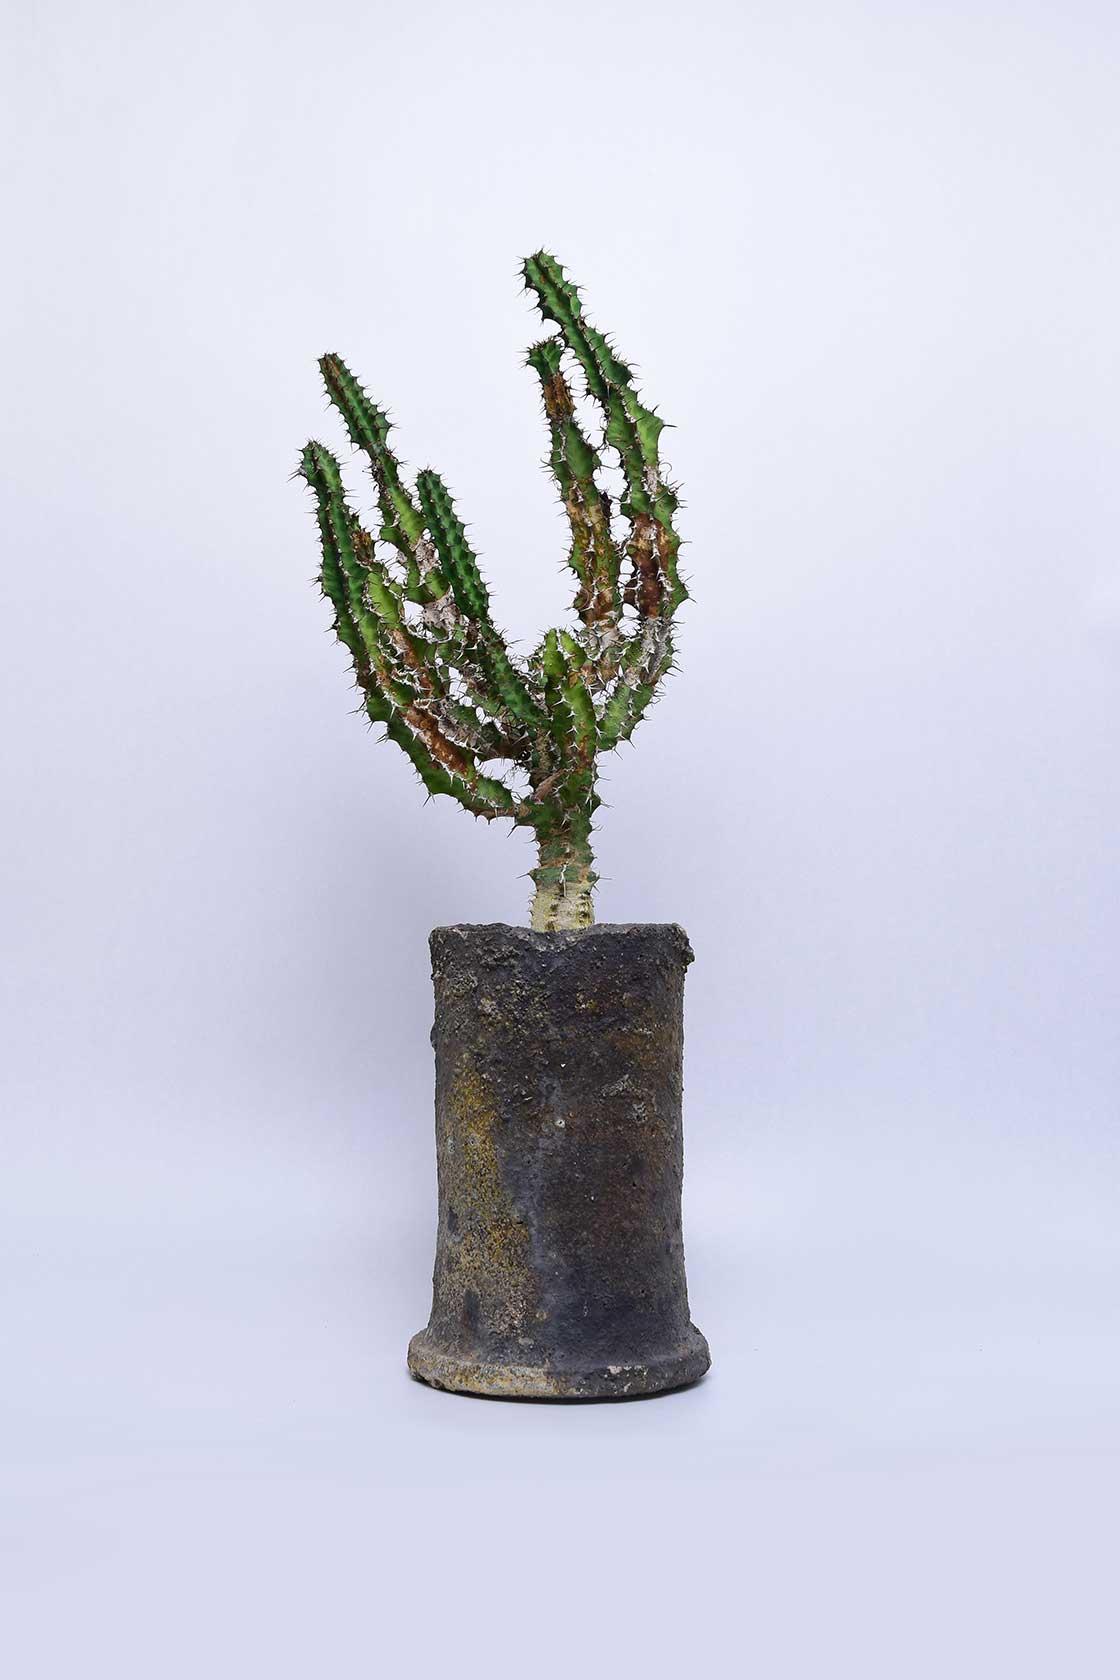 白日の古物に植栽された「クレベリー」(税抜35,000円)